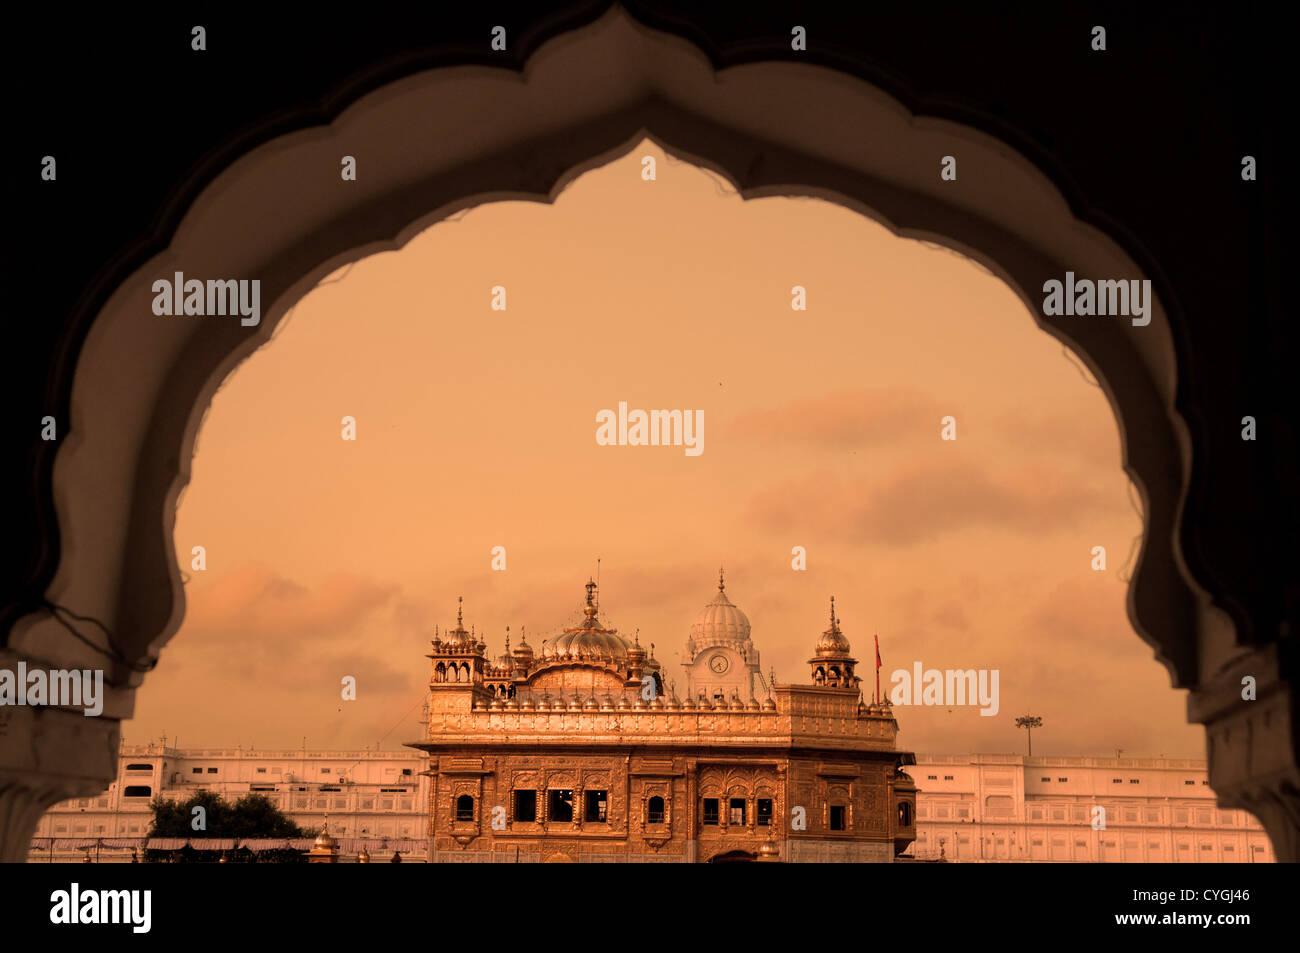 El Templo de Oro de Amritsar, India. Enmarcado con ventanales del lado oeste se centran en el templo. Imagen De Stock